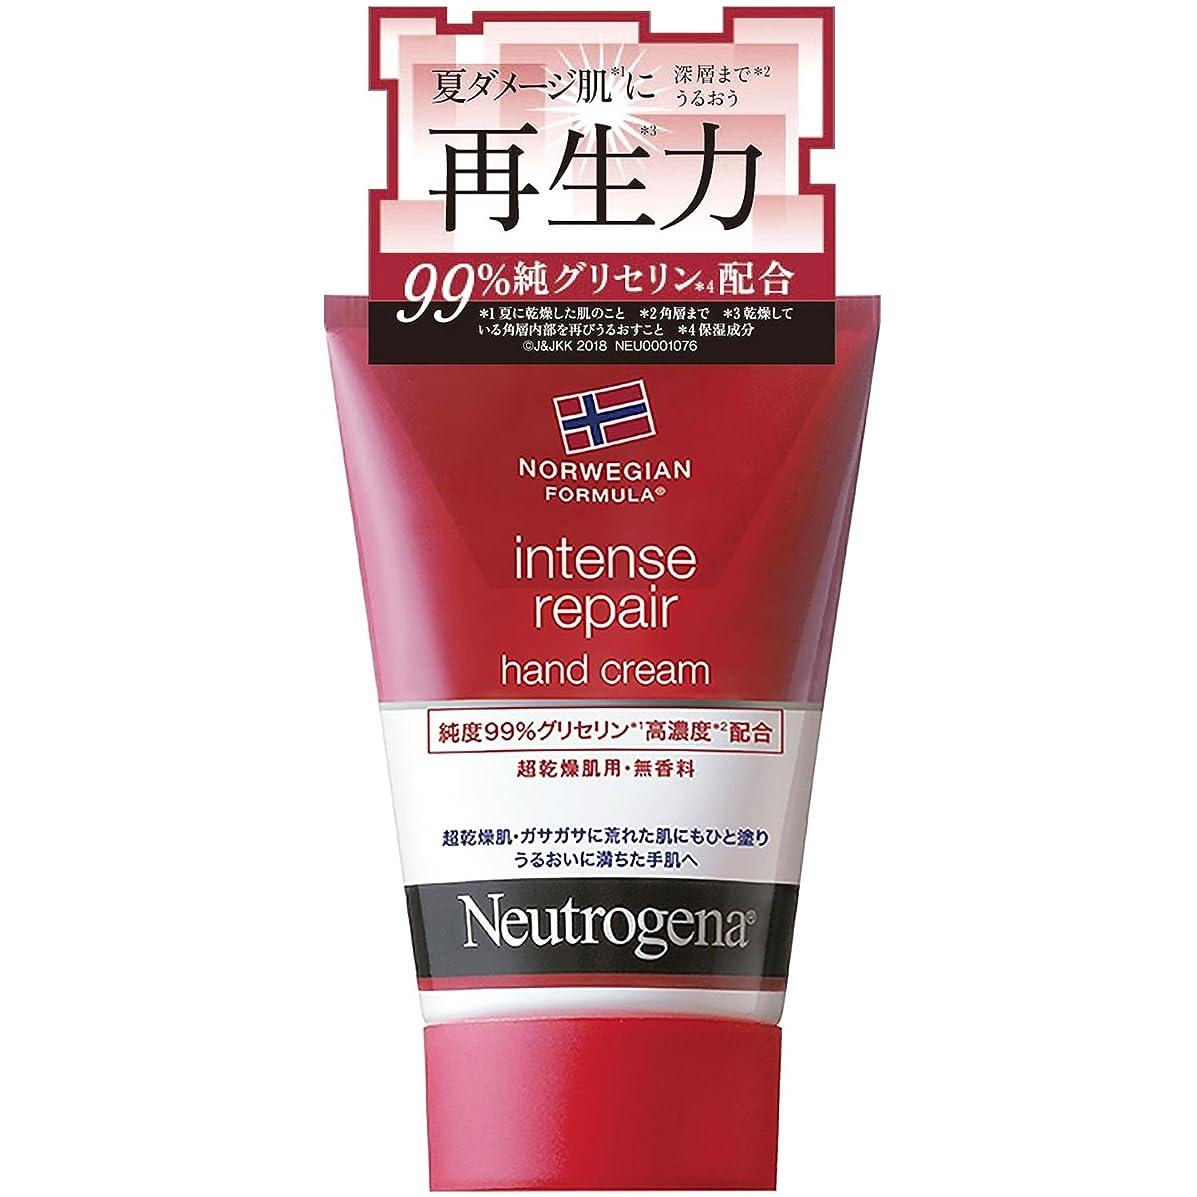 とんでもない本物の美しいNeutrogena(ニュートロジーナ) ノルウェーフォーミュラ インテンスリペア ハンドクリーム 超乾燥肌用 無香料 50g